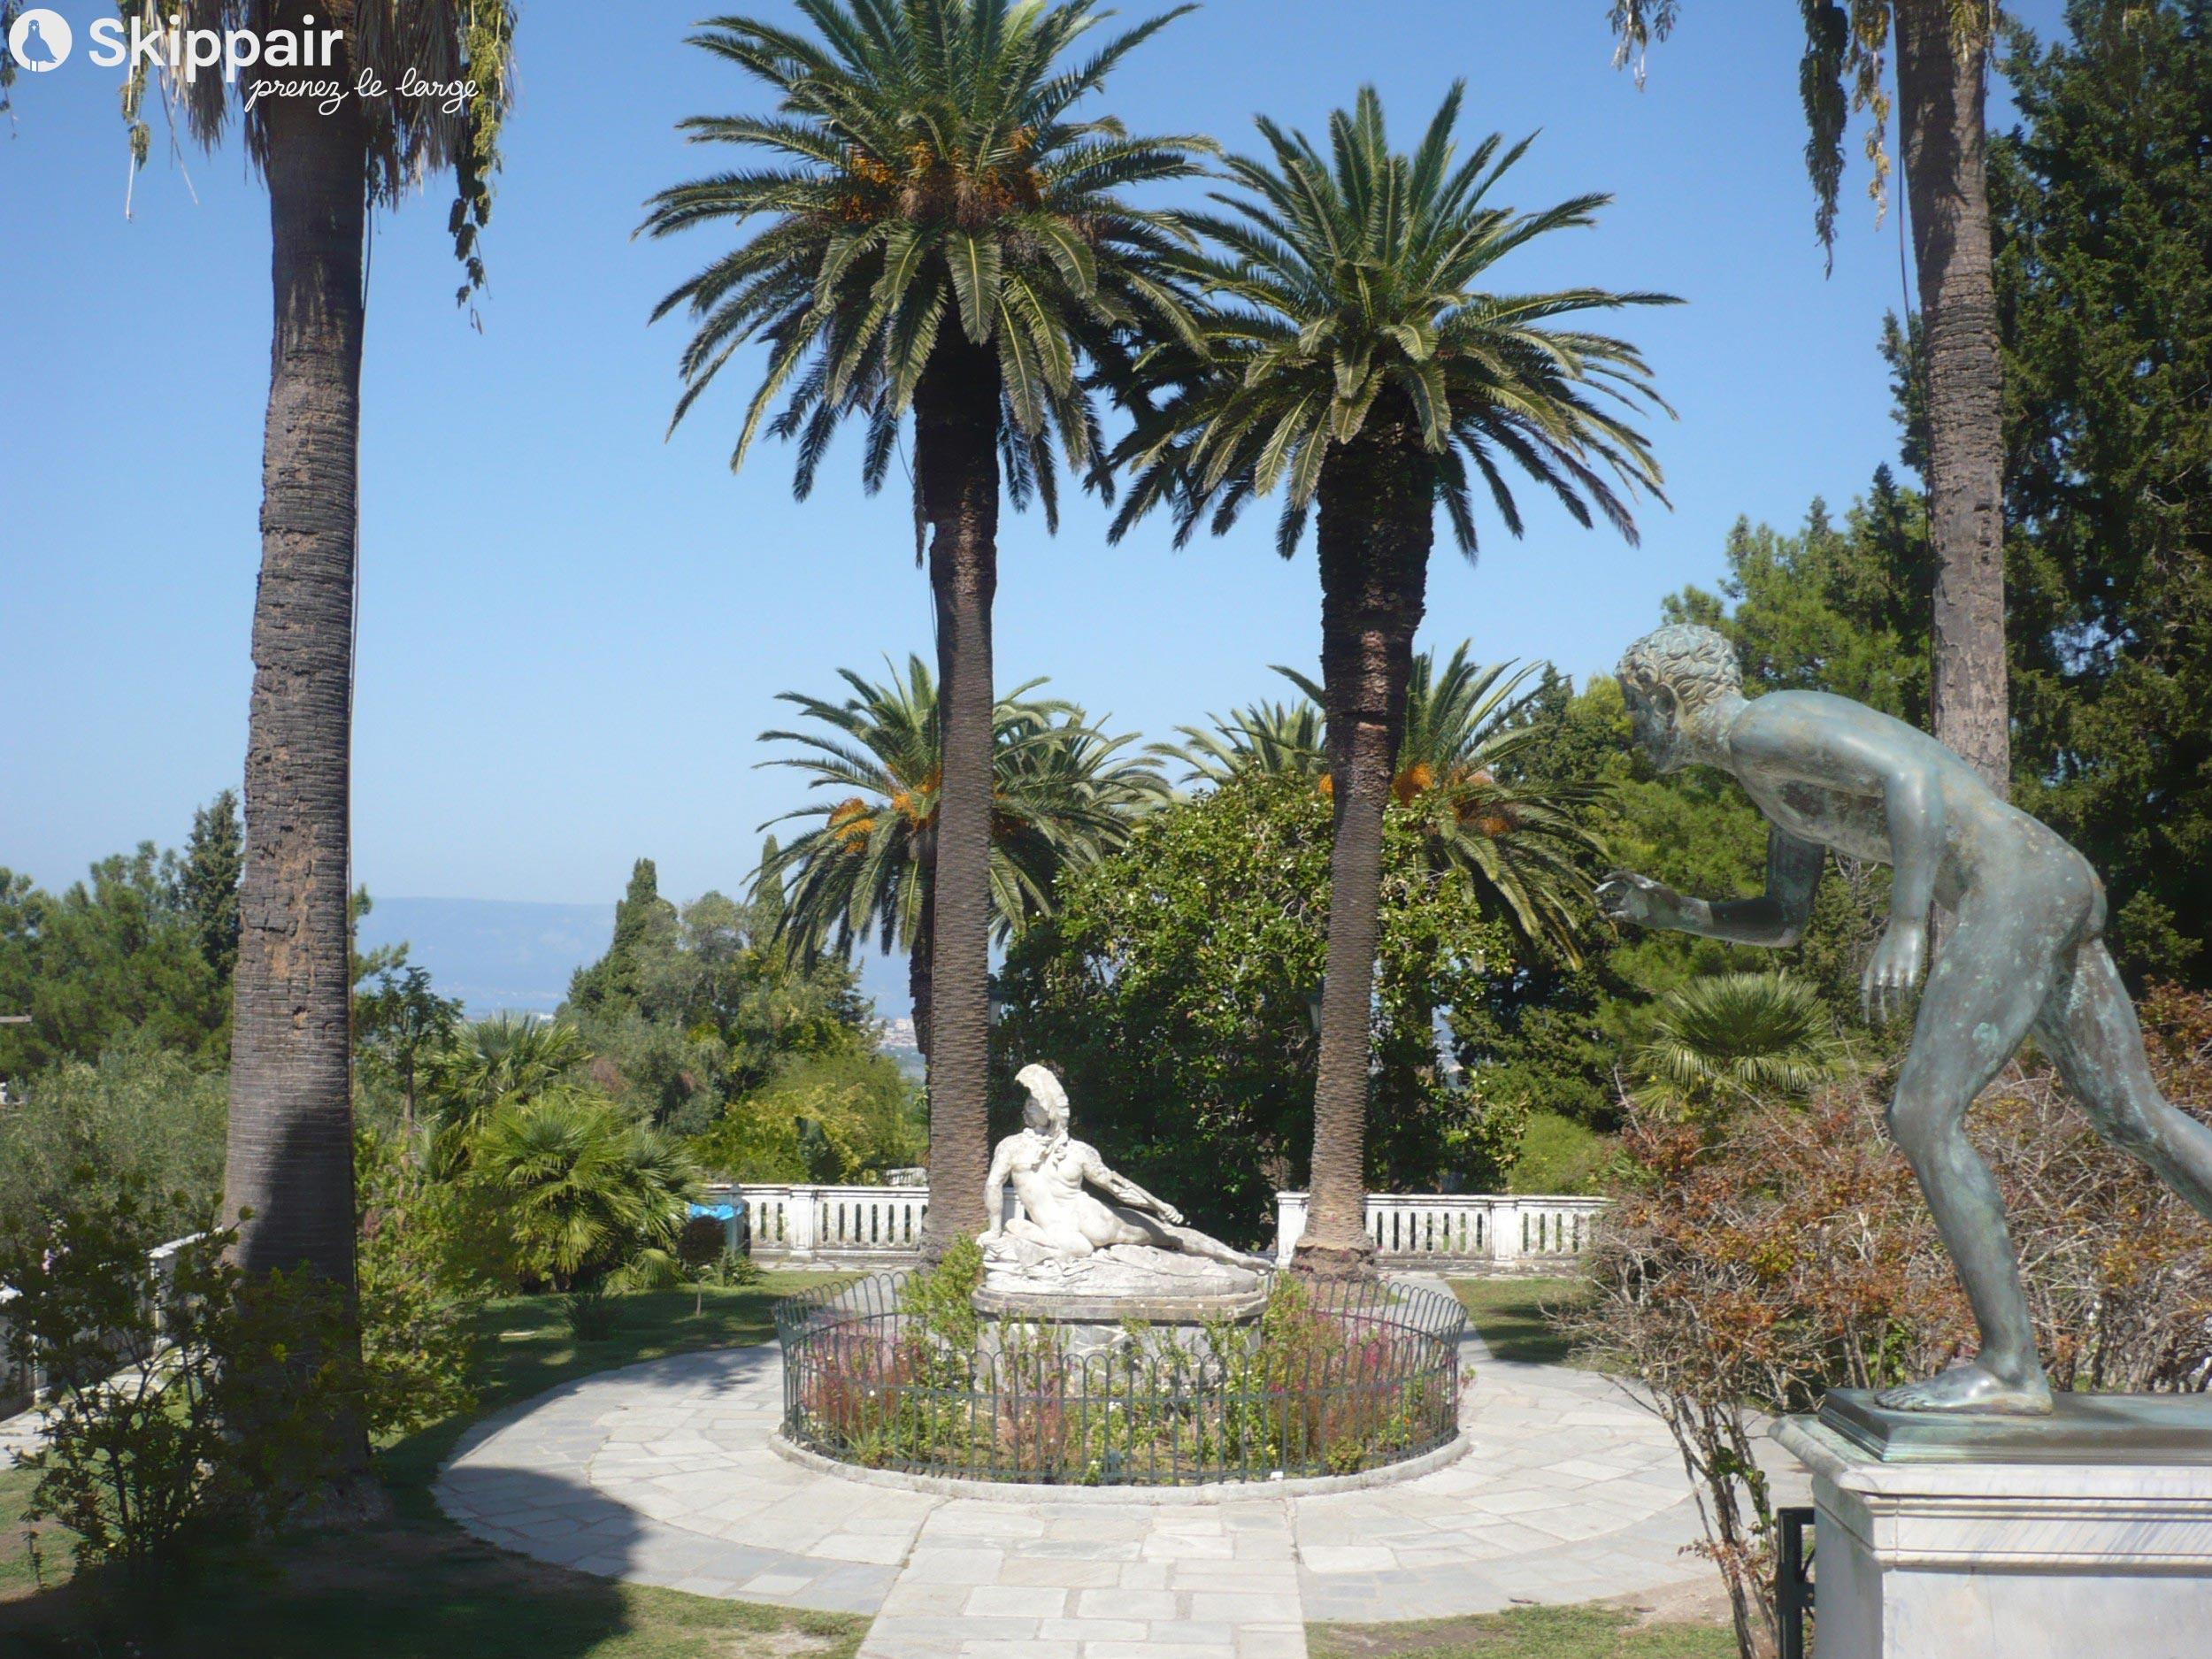 Statues dans un jardin de l'Achilleion Palace - Skippair